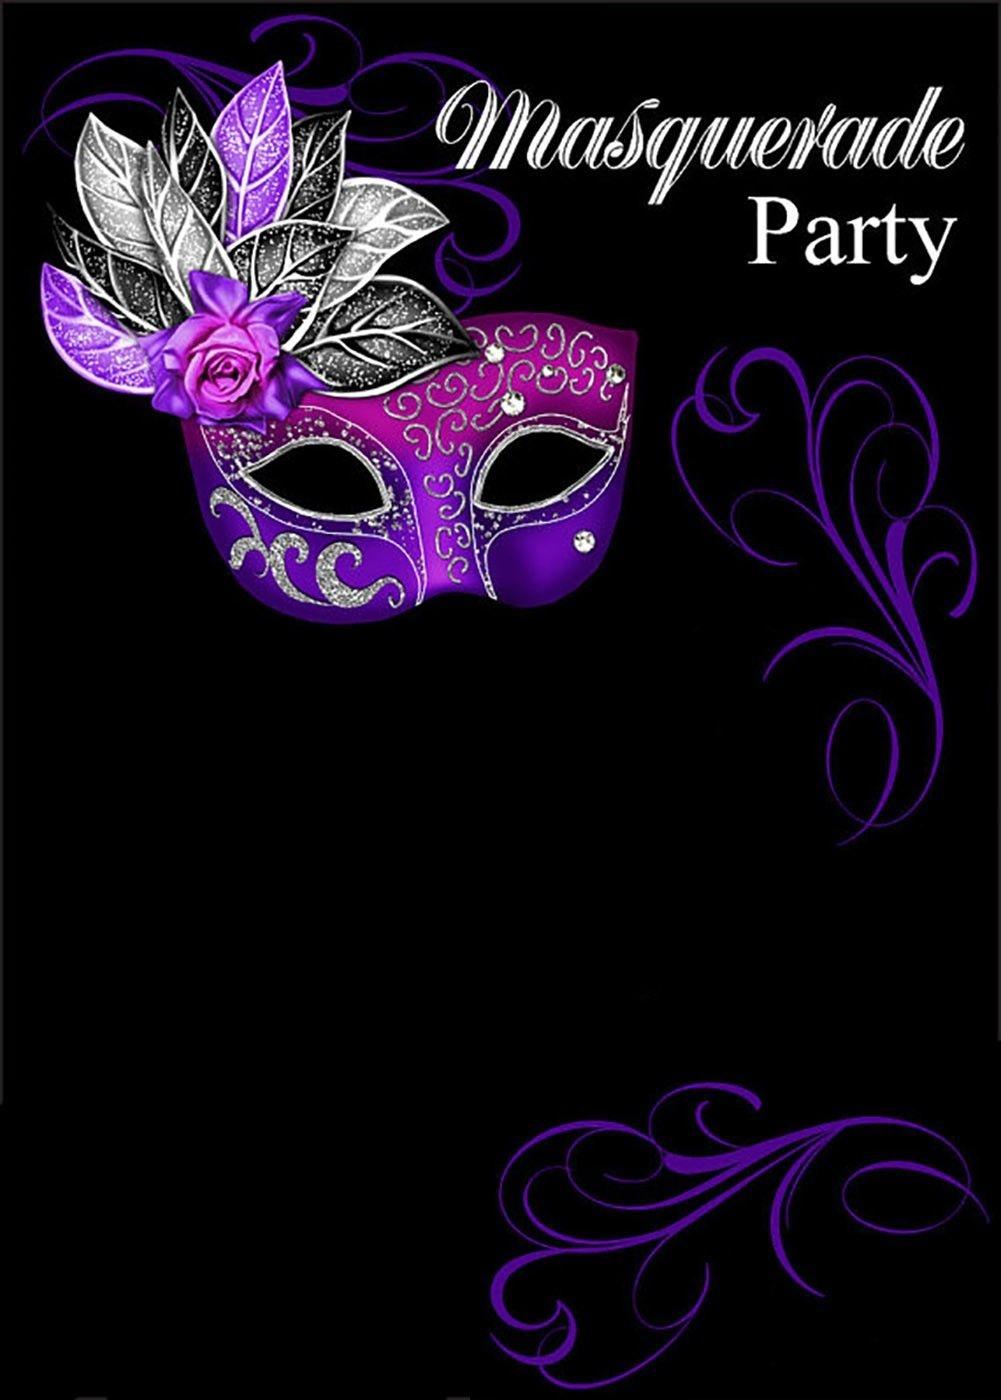 Free Online Masquerade Invitation | Invitations Online - Free Online Printable Invitations